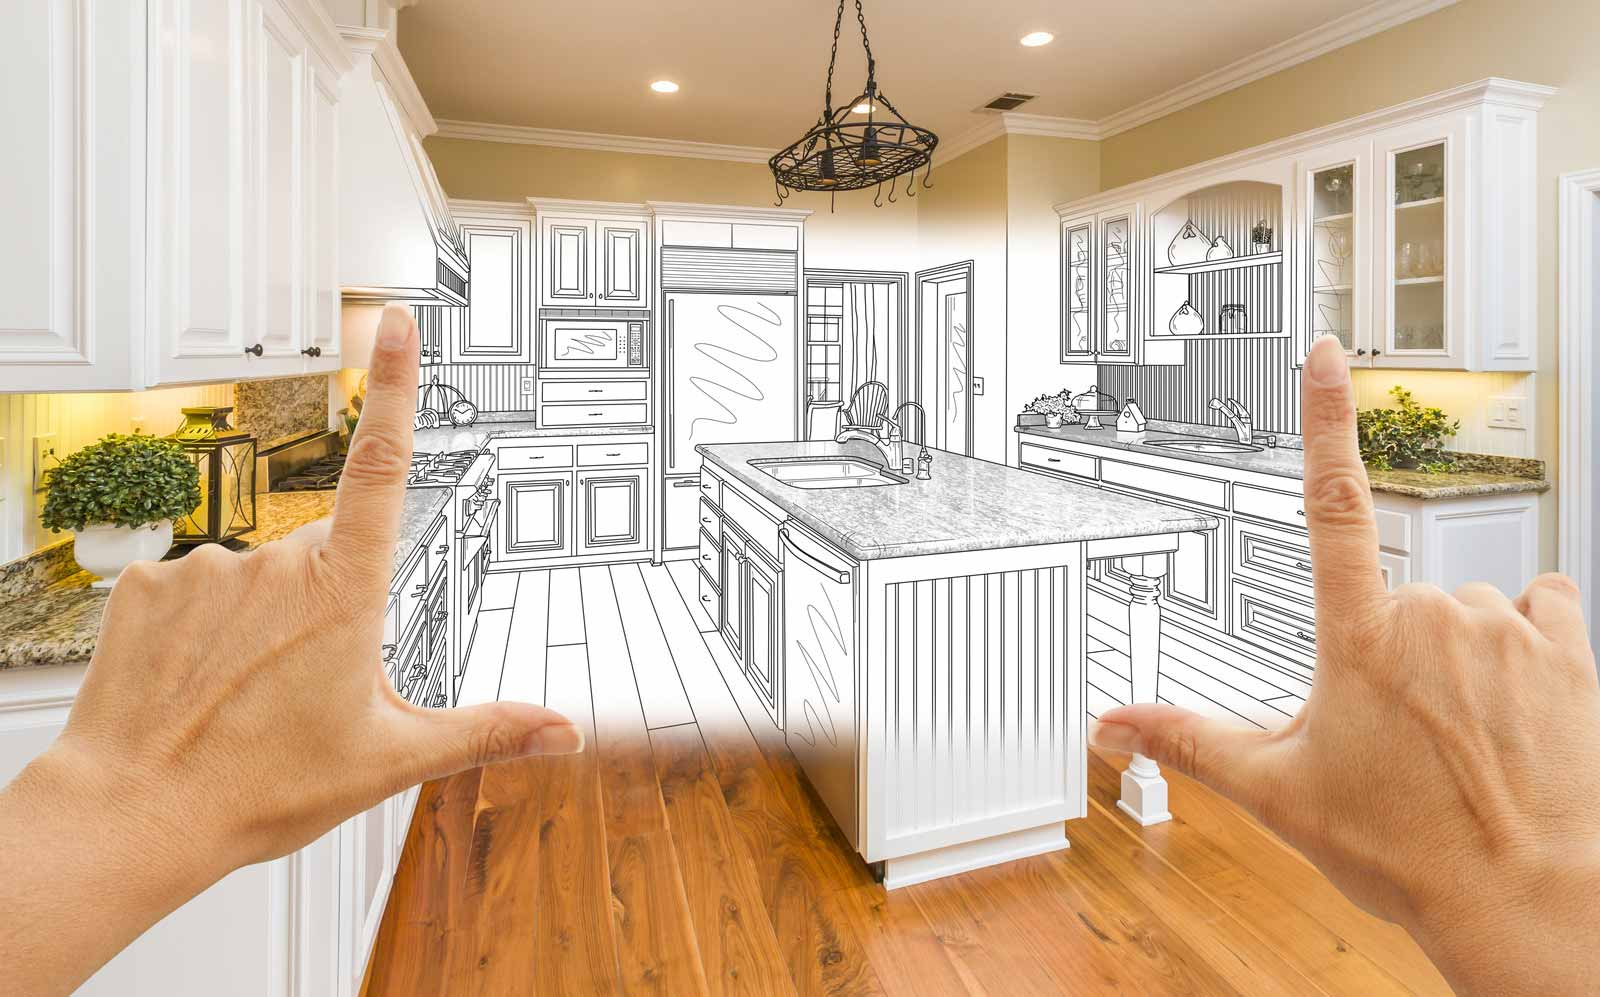 Zelf je keuken ontwerpen